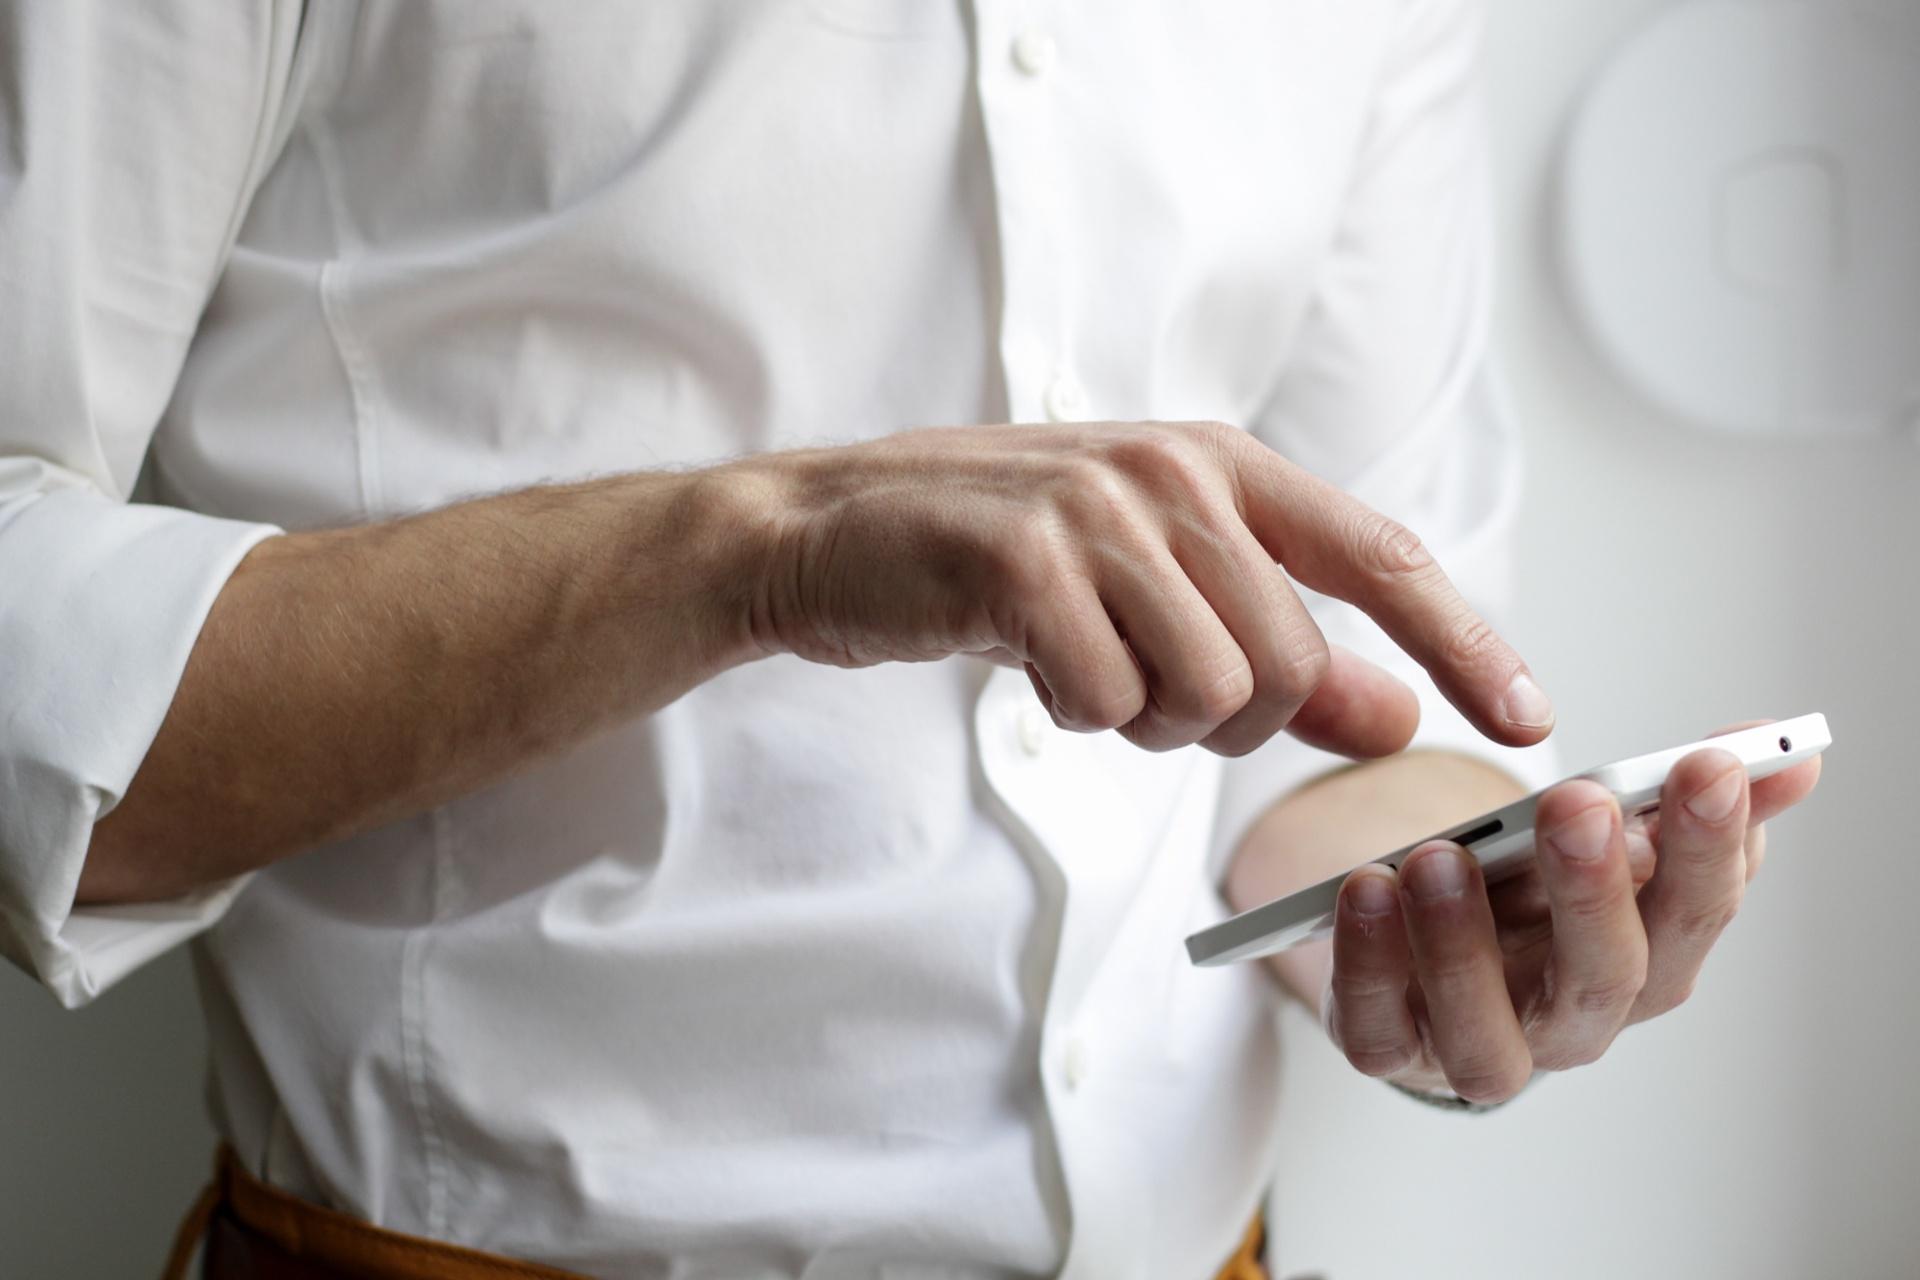 Mobile Sicherheit:Schnell, einfach, sicher: Identitätsprüfung über die Handynummer_cmm360_Photo by NordWood Themes on Unsplash